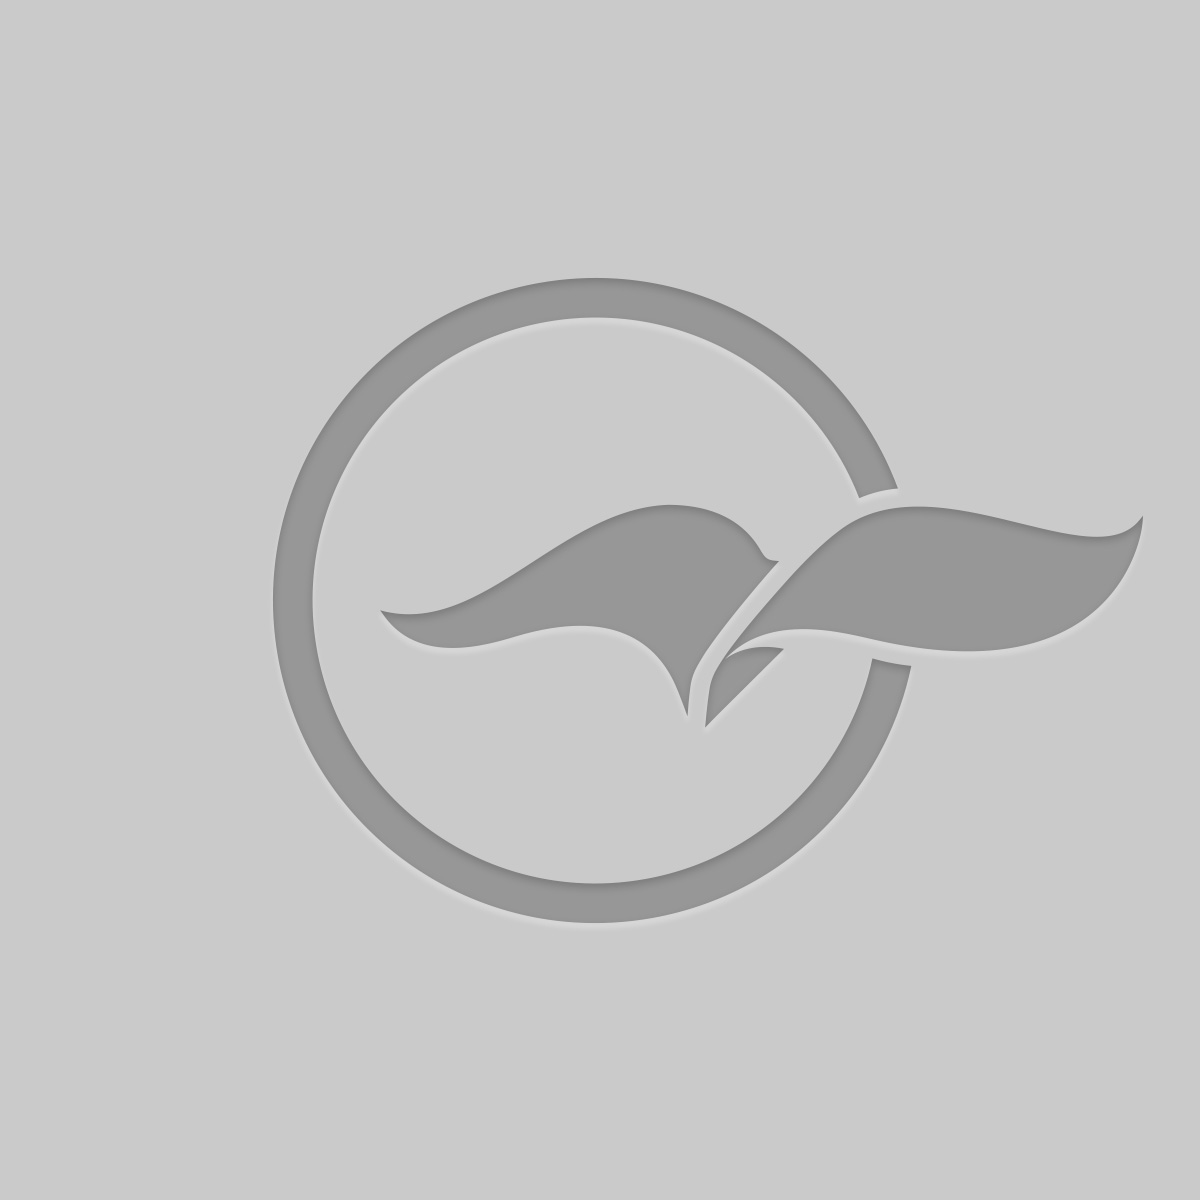 ആസ്ട്രേലിയയില് കല്ക്കരി ഖനി; അദാനിക്കെതിരായ പരാതി തള്ളി